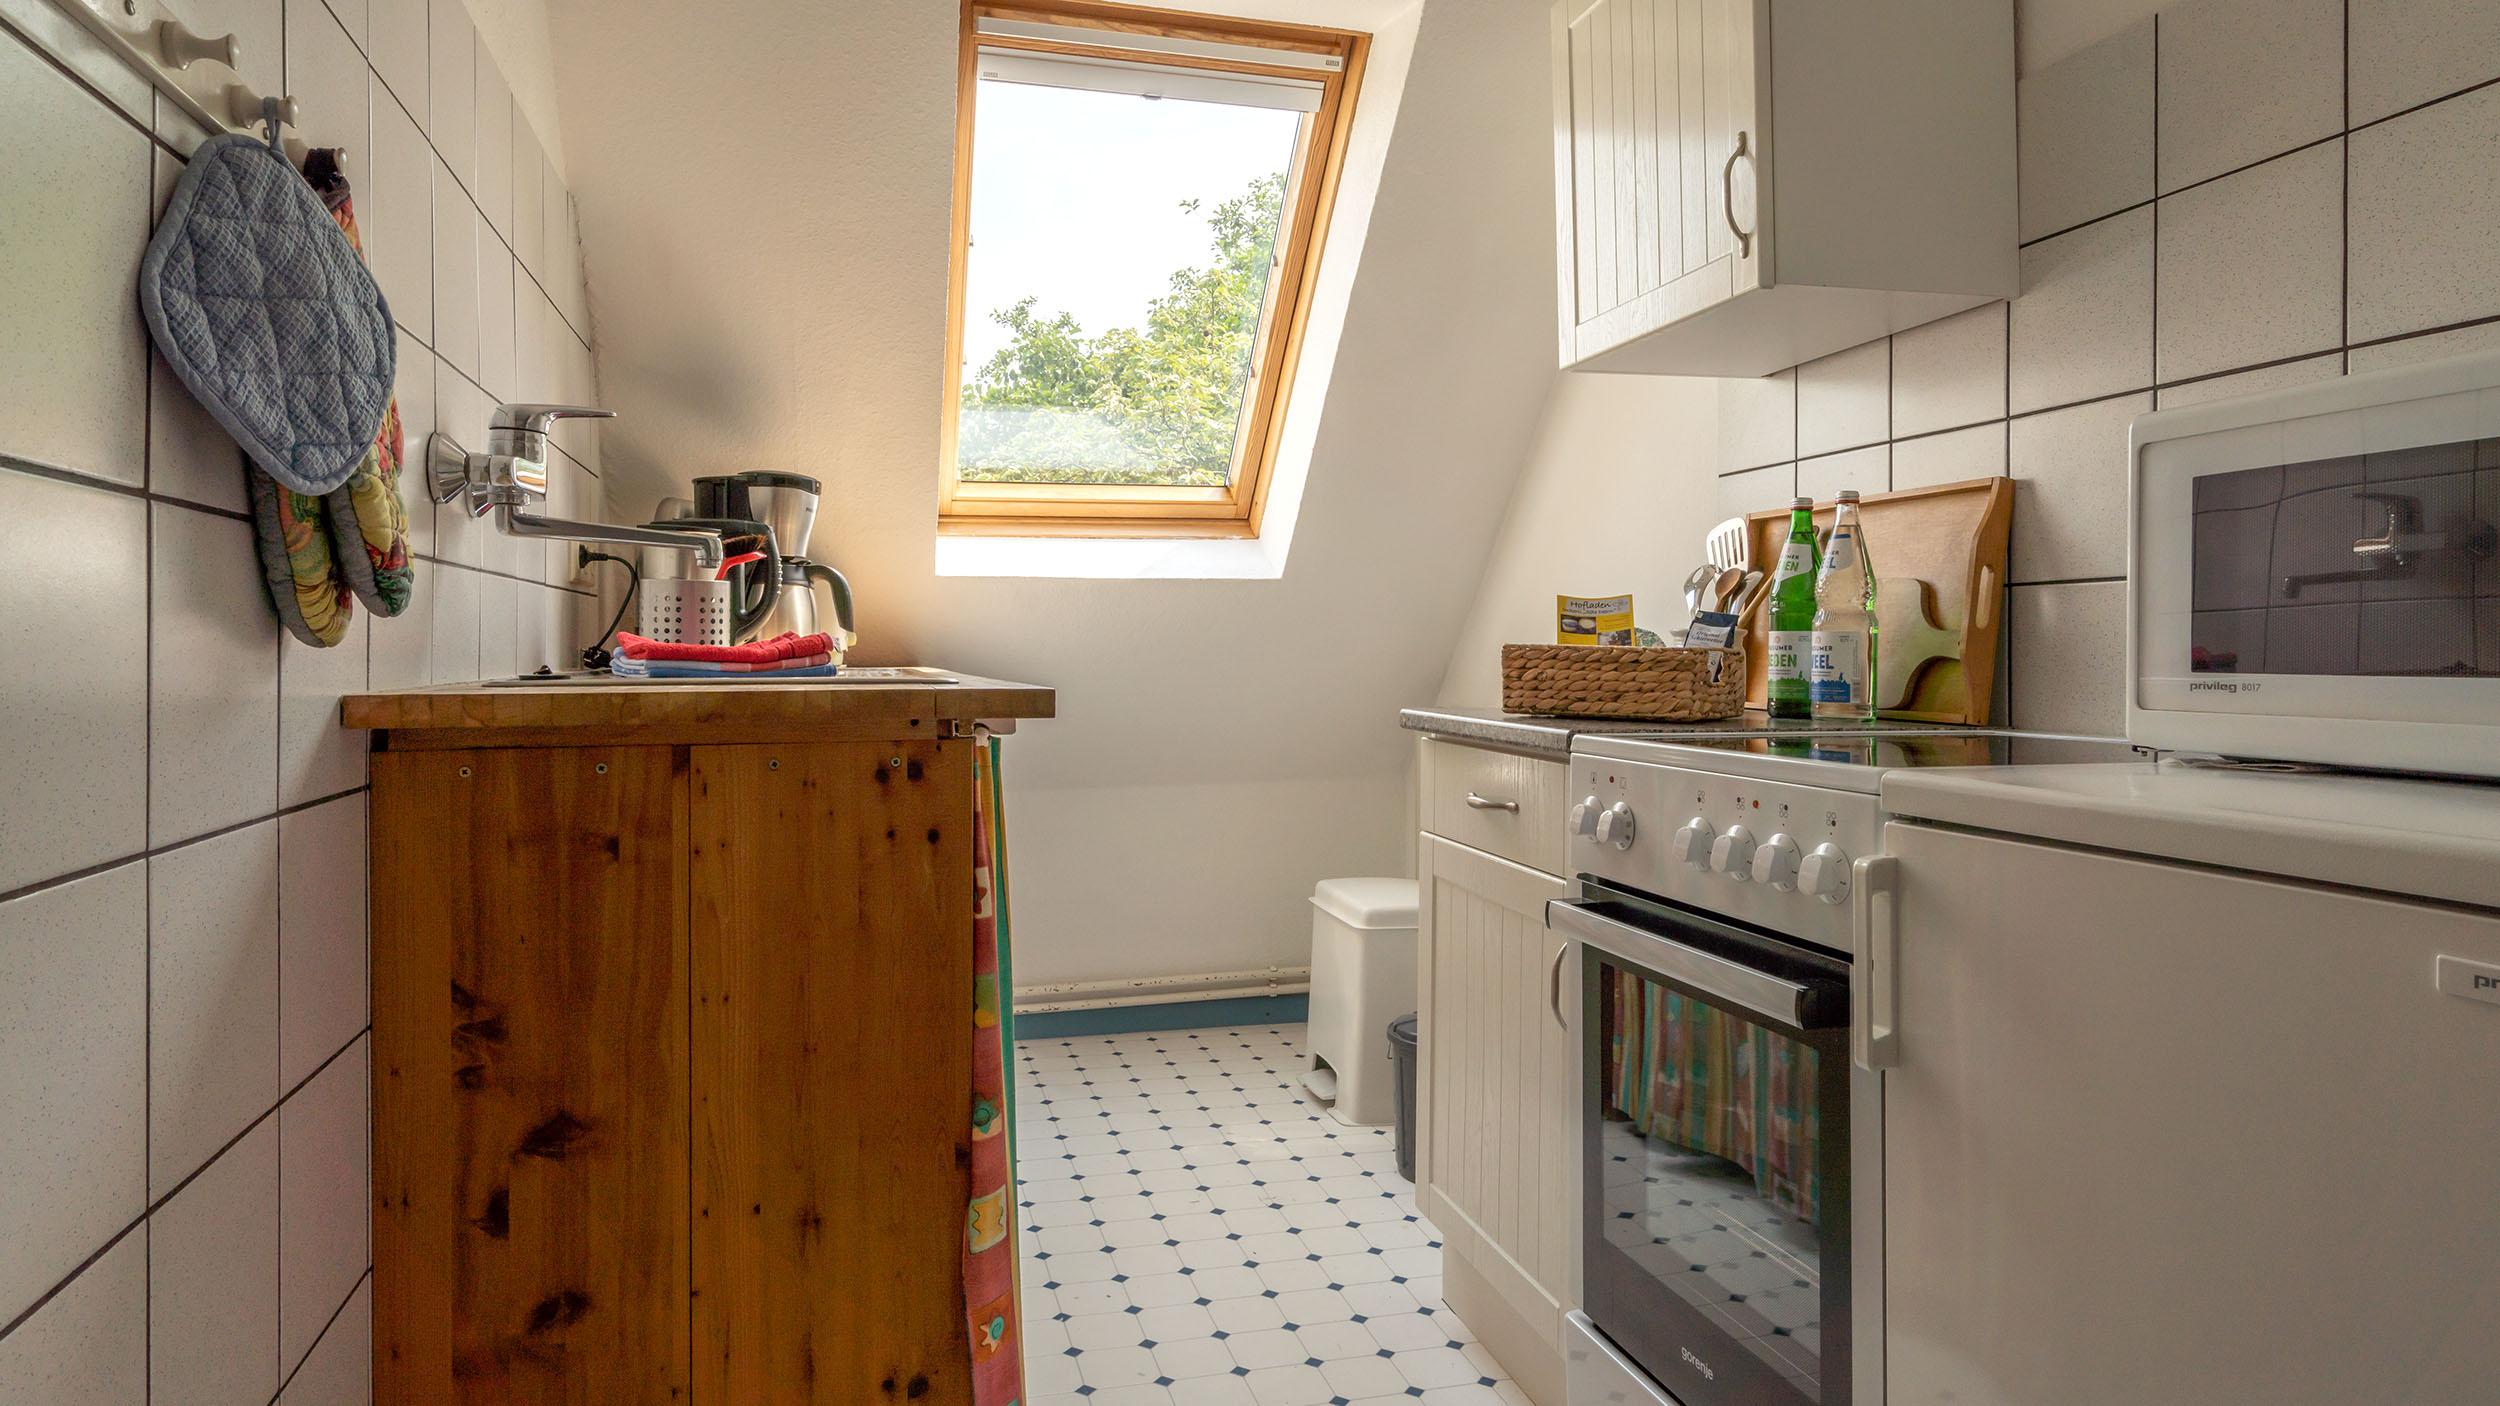 Haus Vogelkiek - Ferienwohnung Silbermöwe - Küche